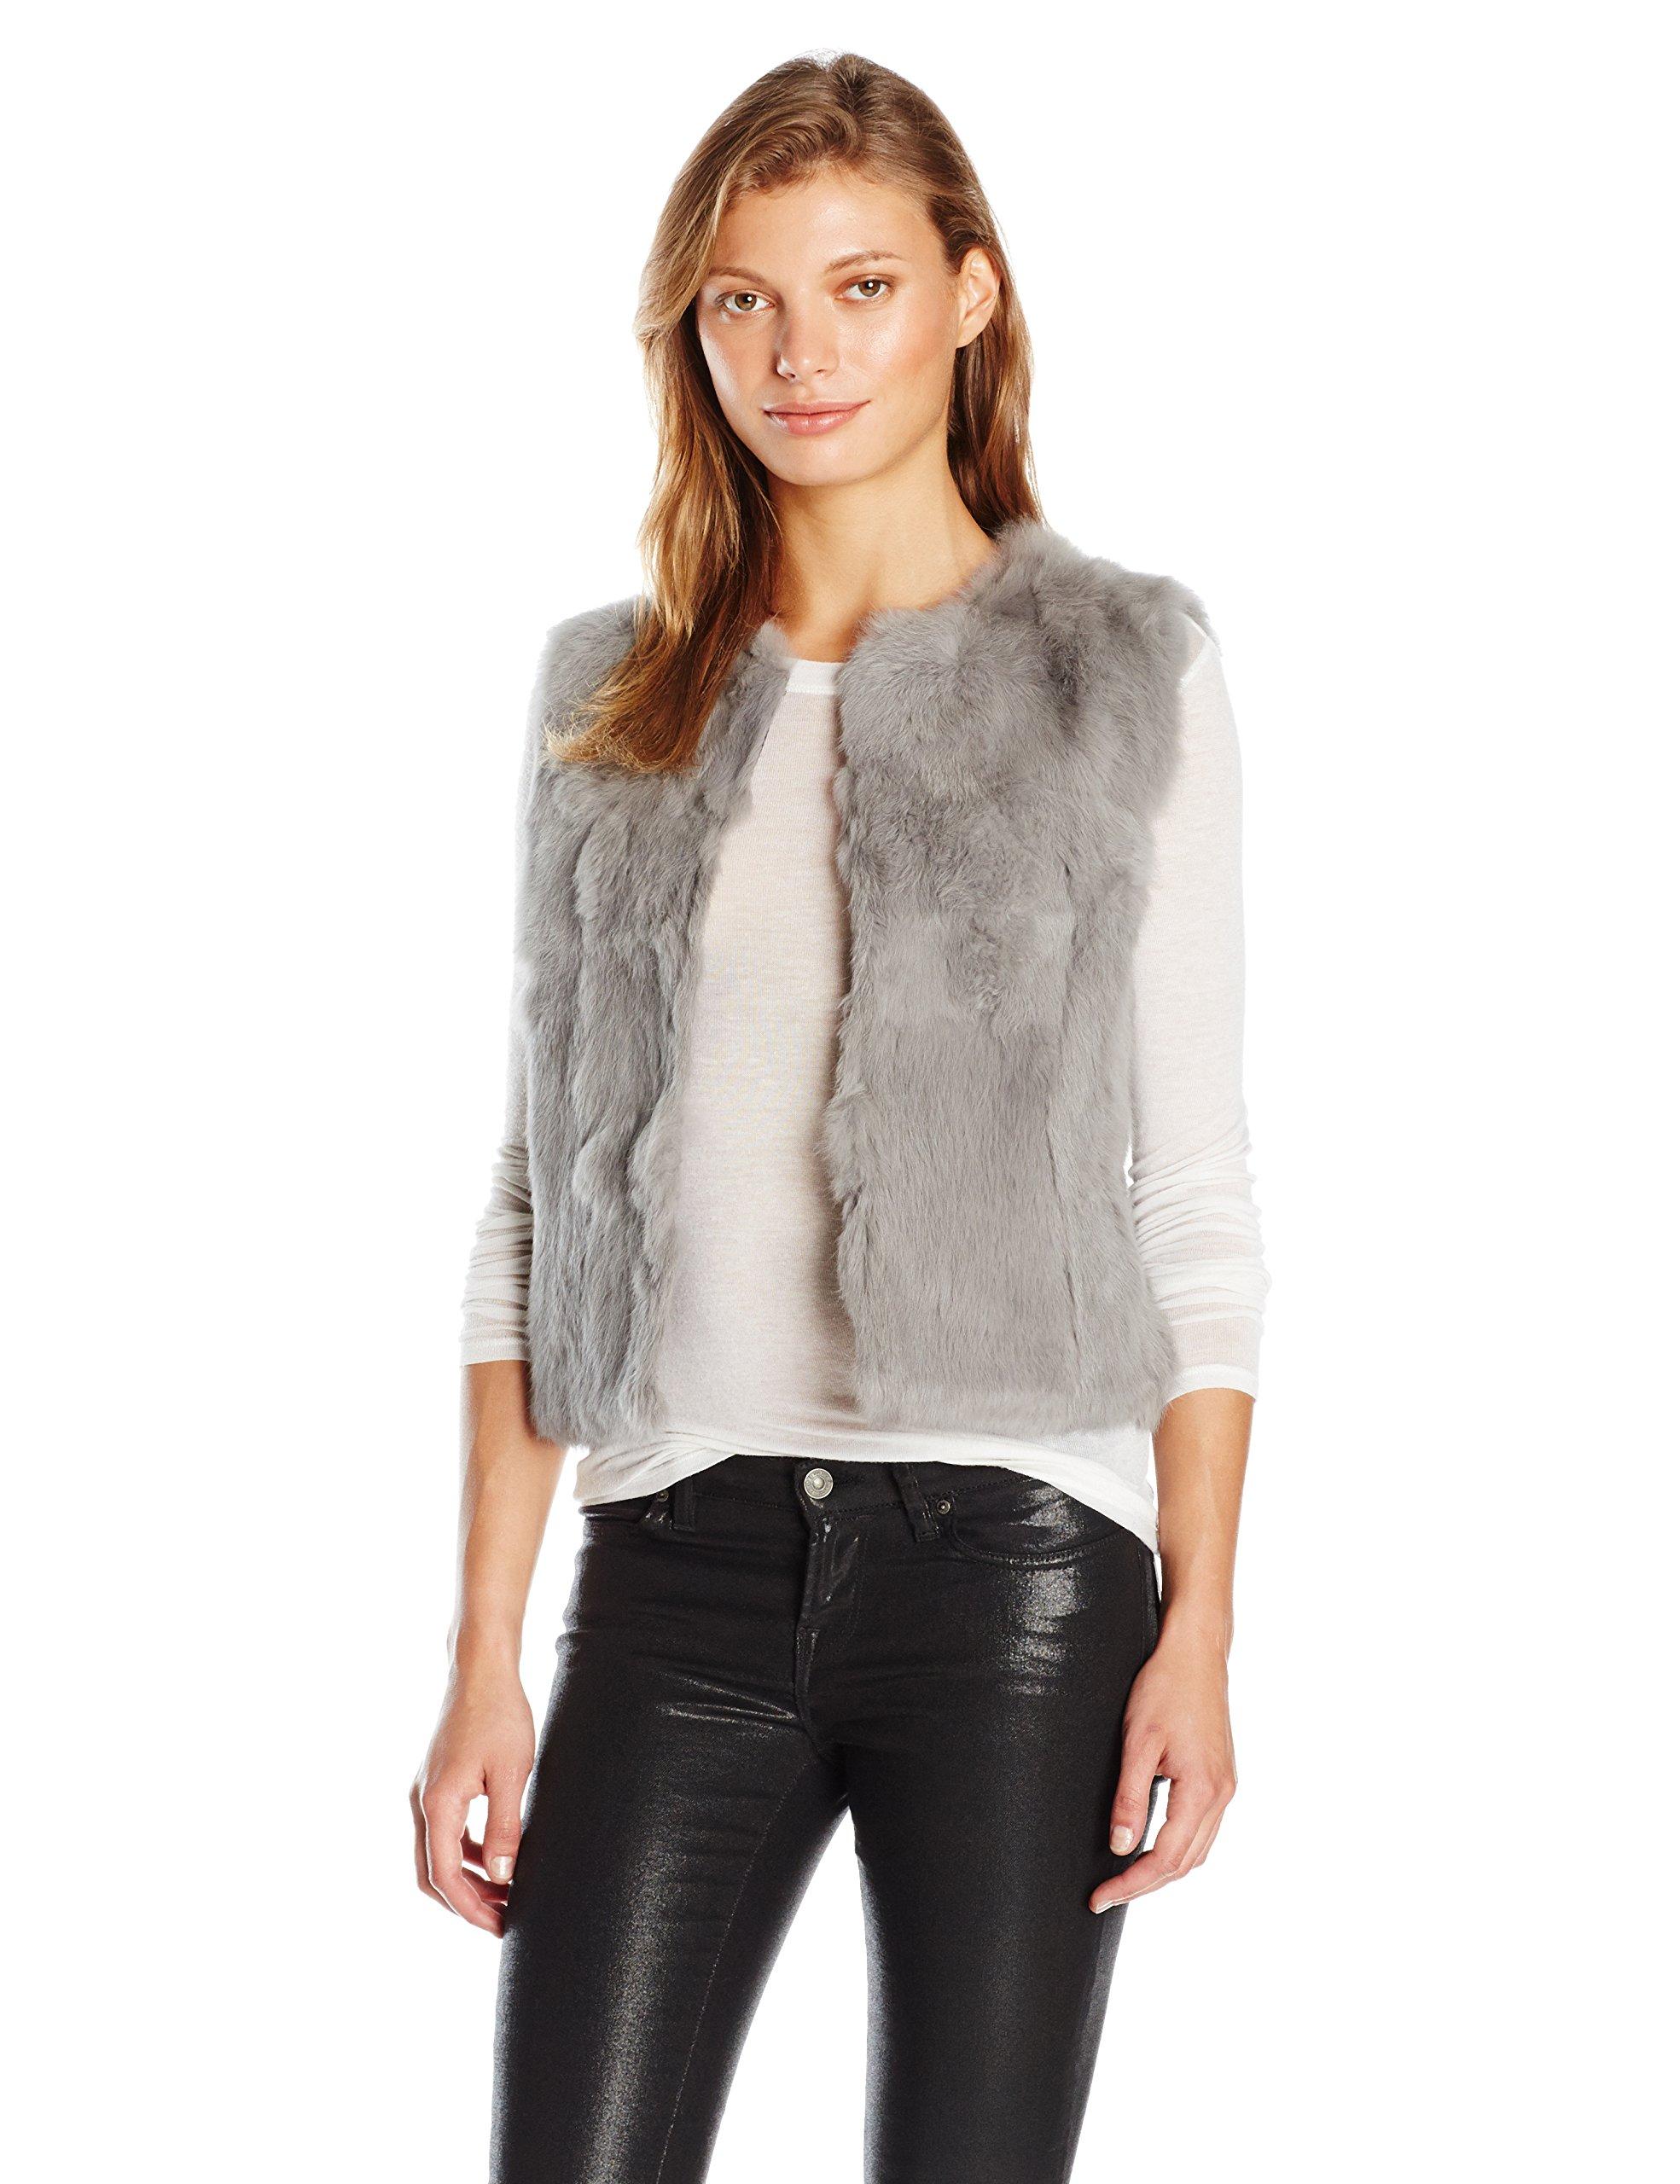 La Fiorentina Women's Plush Fur Vest, Grey, Small/Medium by La Fiorentina